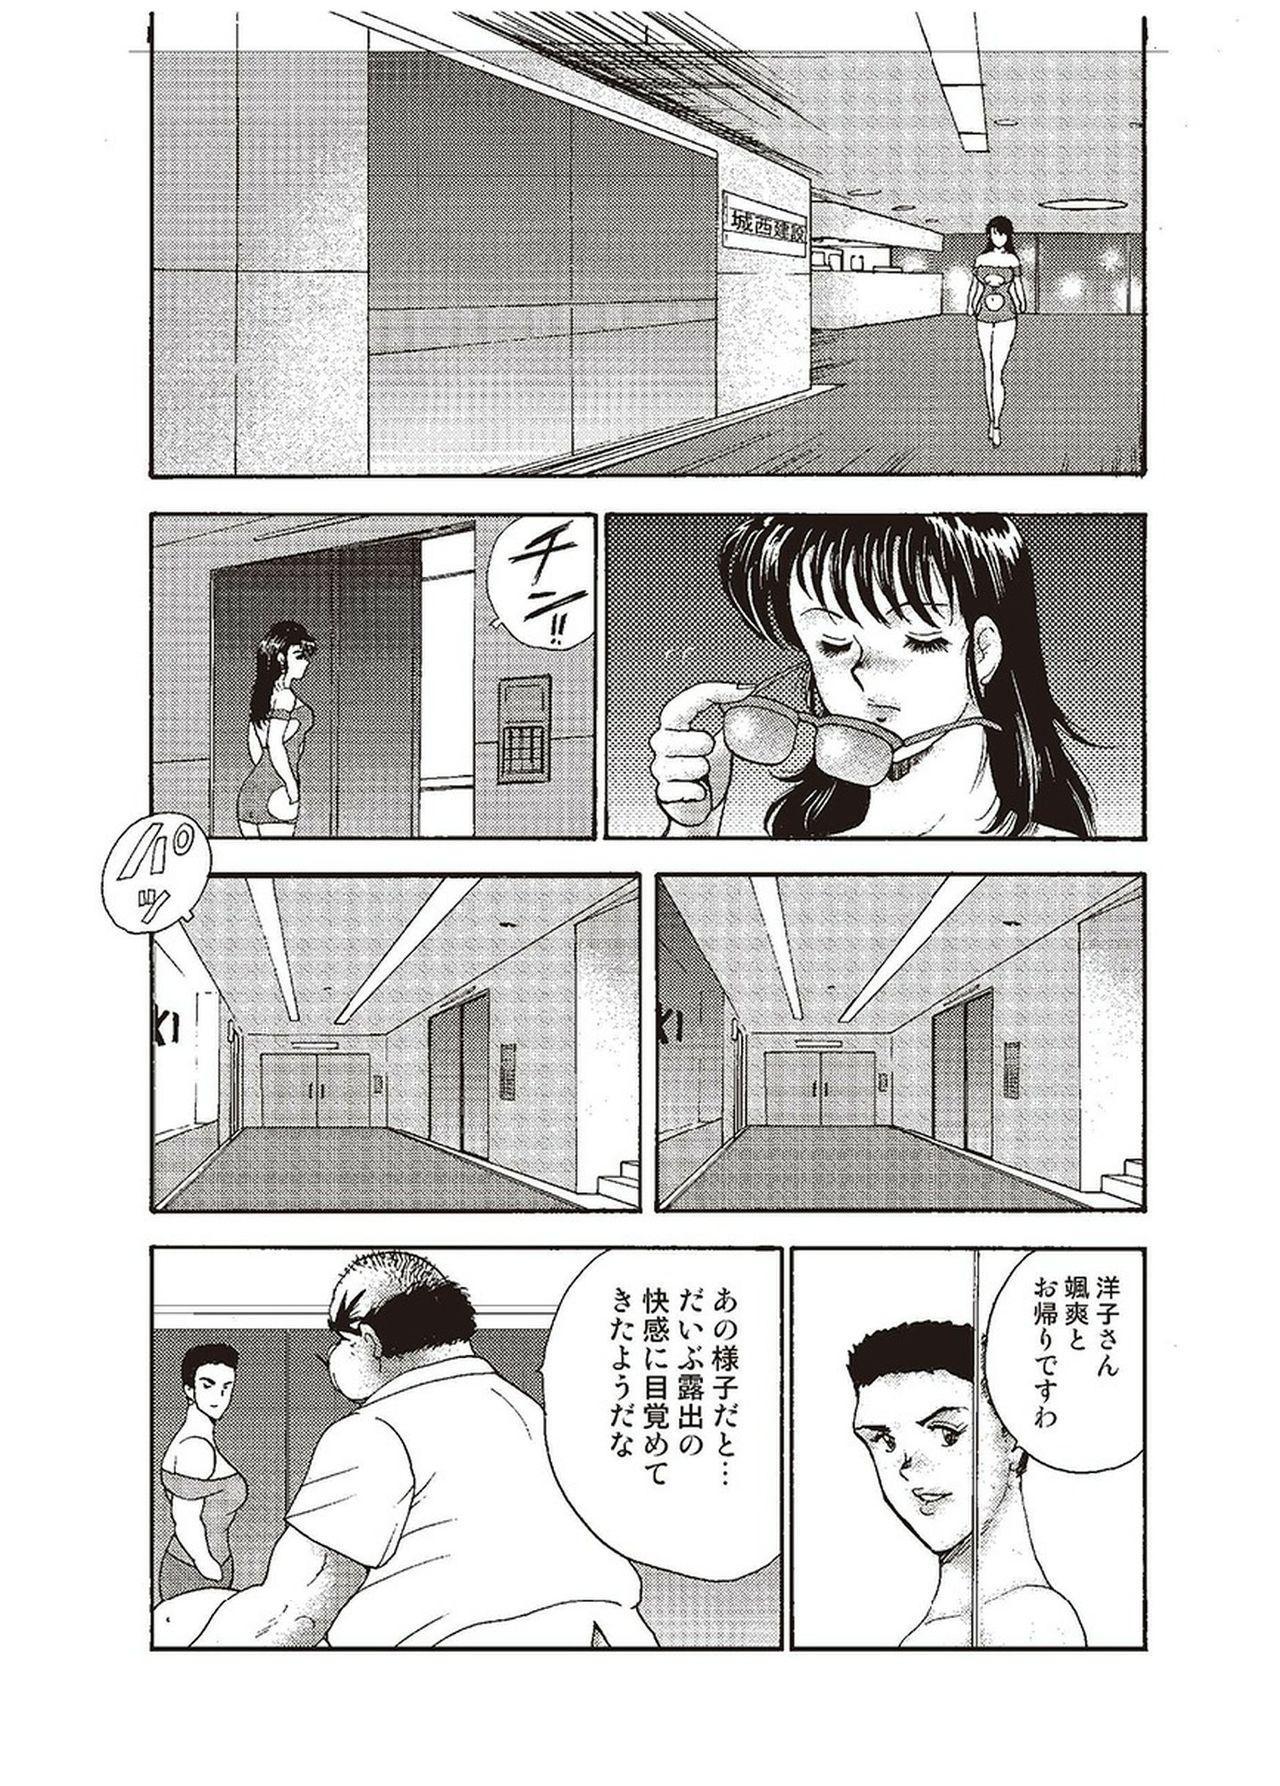 Maihime Chigoku no Ori Ni 175